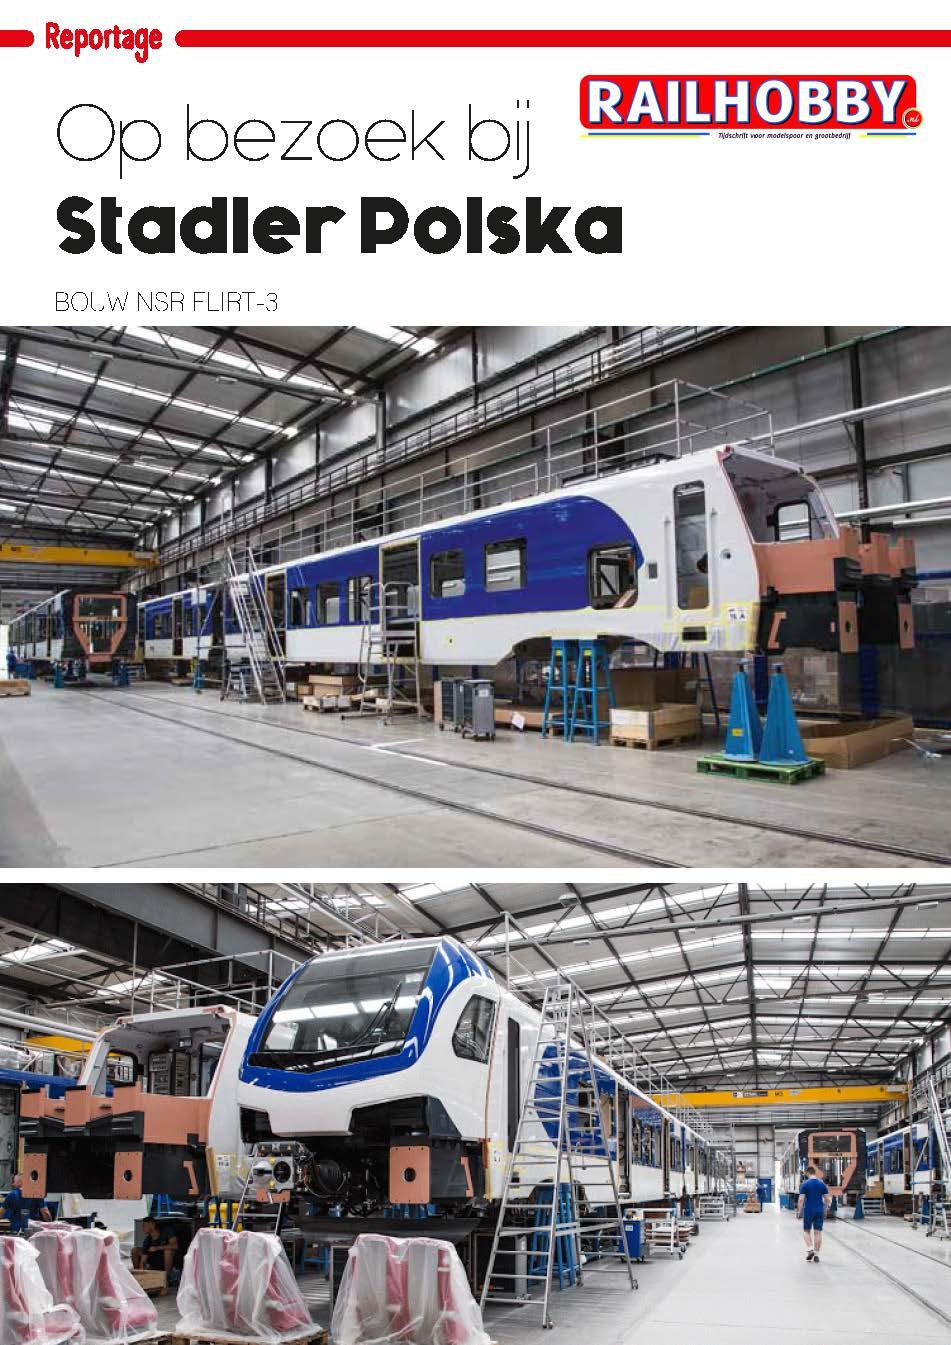 stadler polska